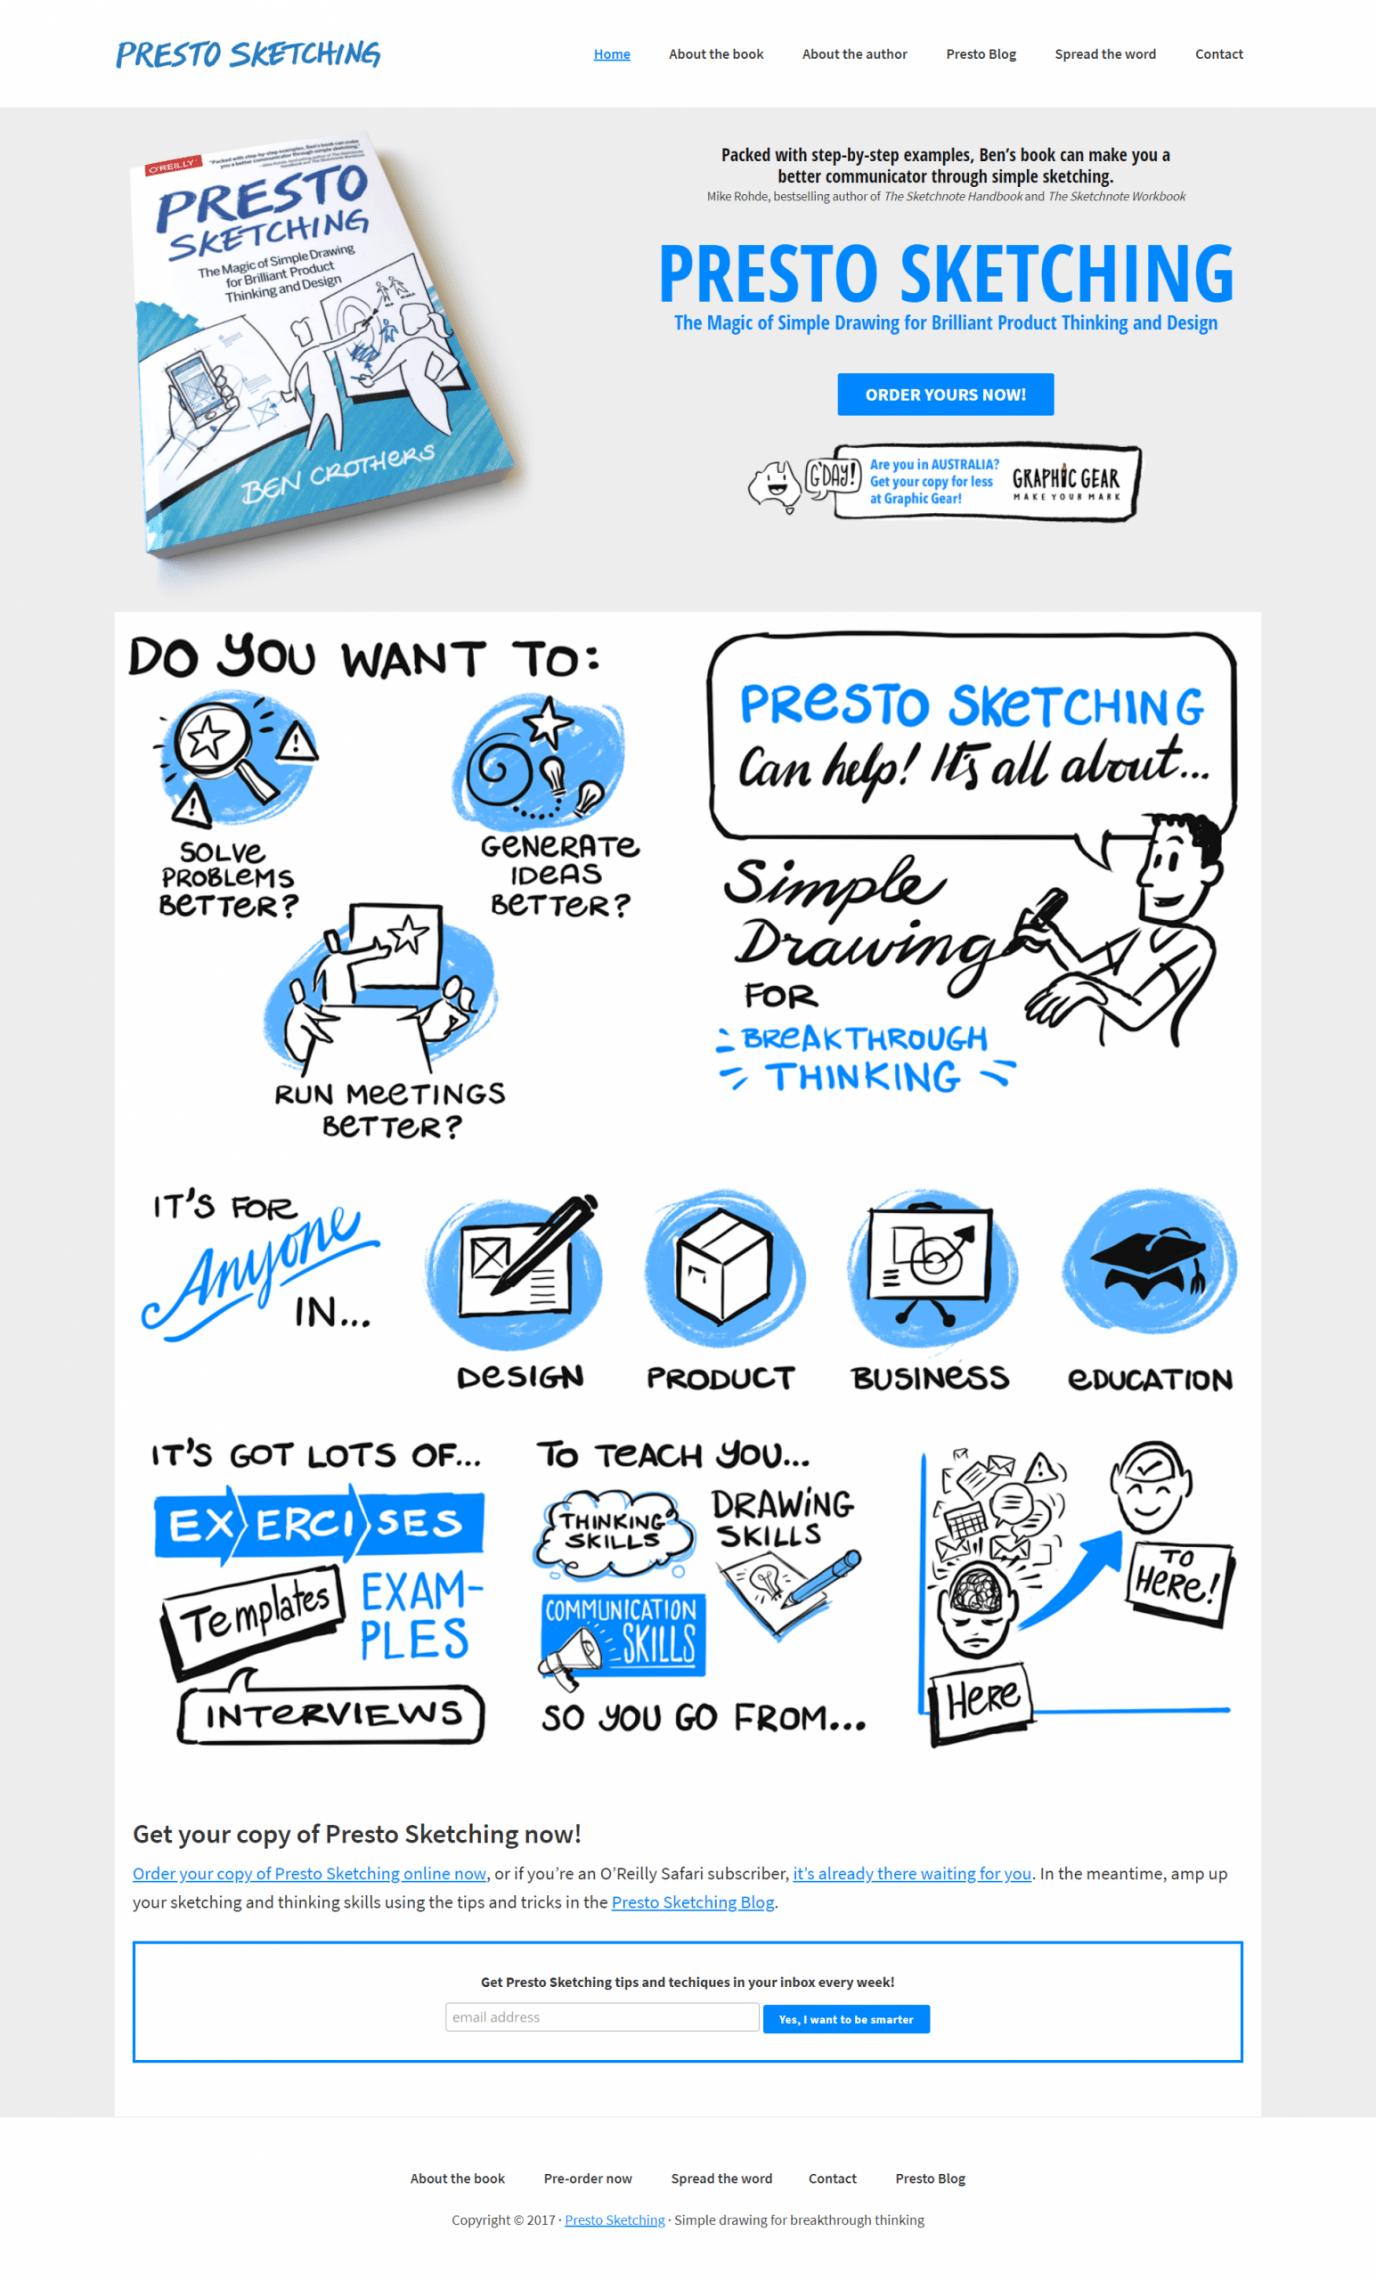 通过简单的草图,让你成为一个更好的运营沟通者!(Presto Sketching)